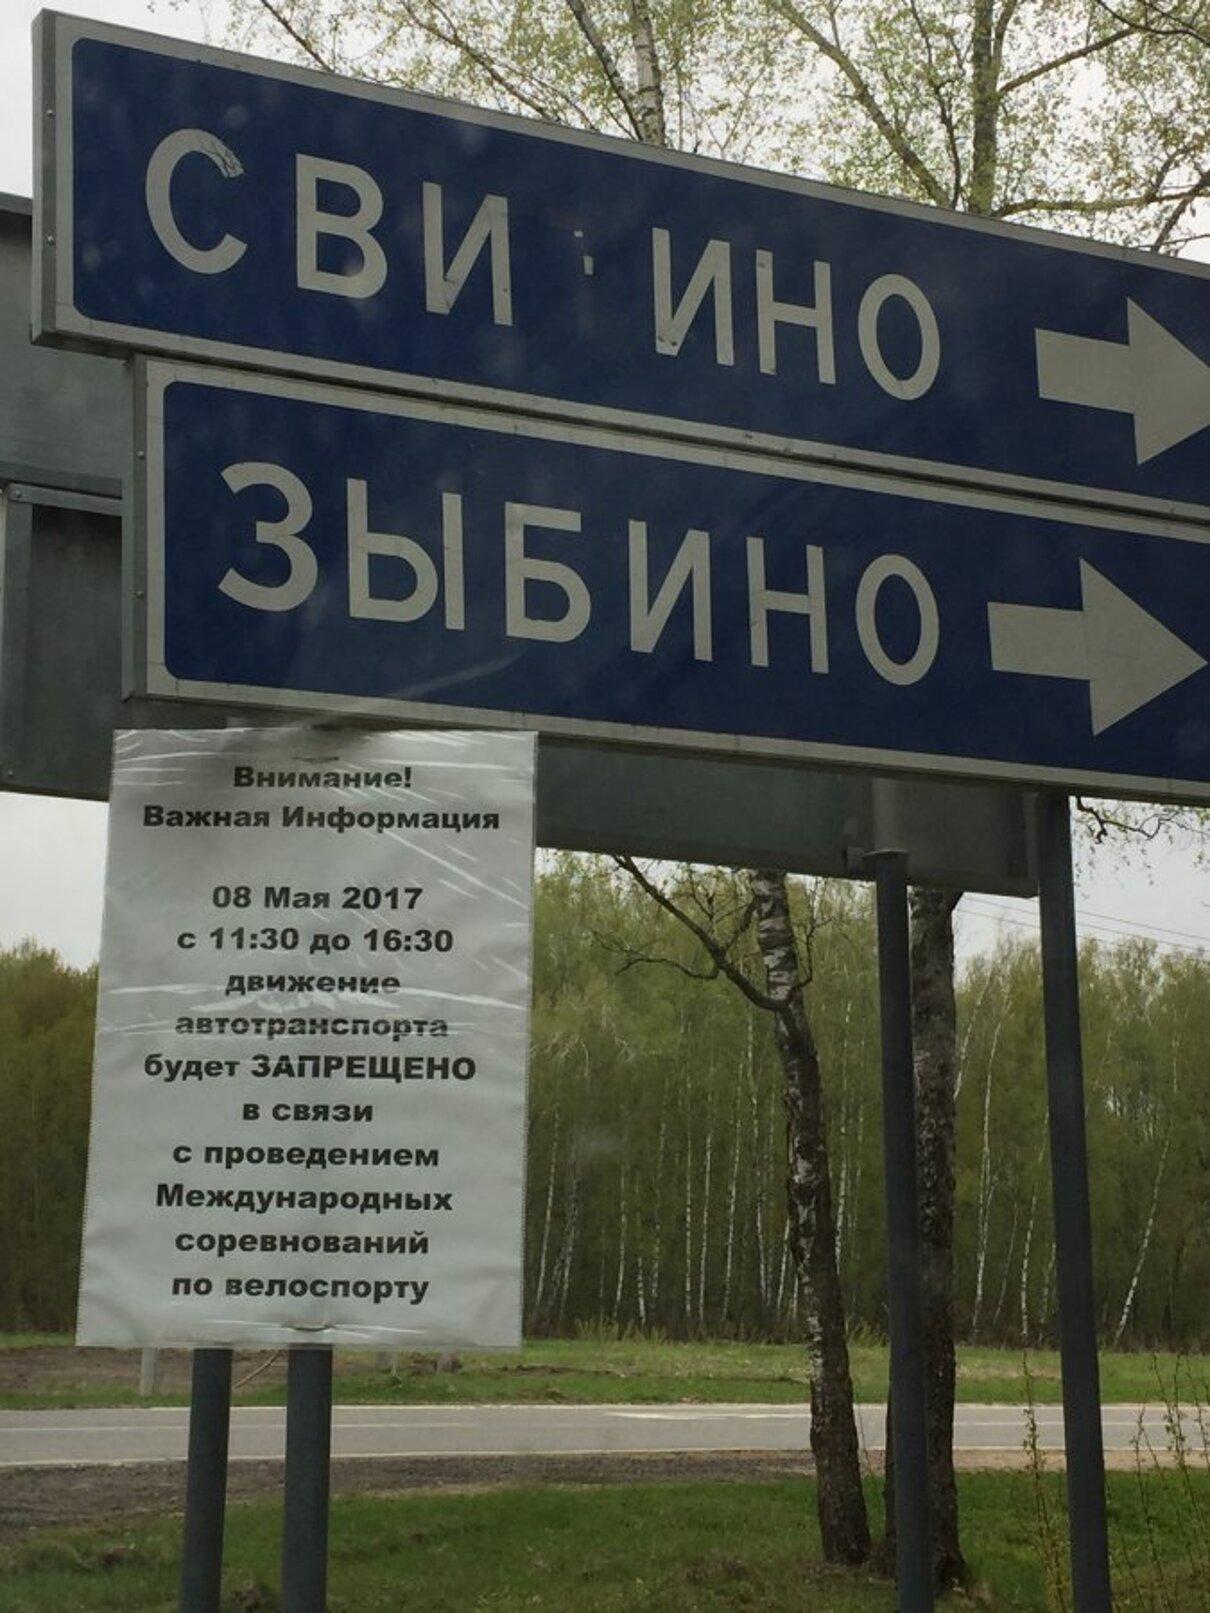 Жалоба-отзыв: Мер города Москвы - Велогонки в нарушение прав и свободы человека.  Фото №1